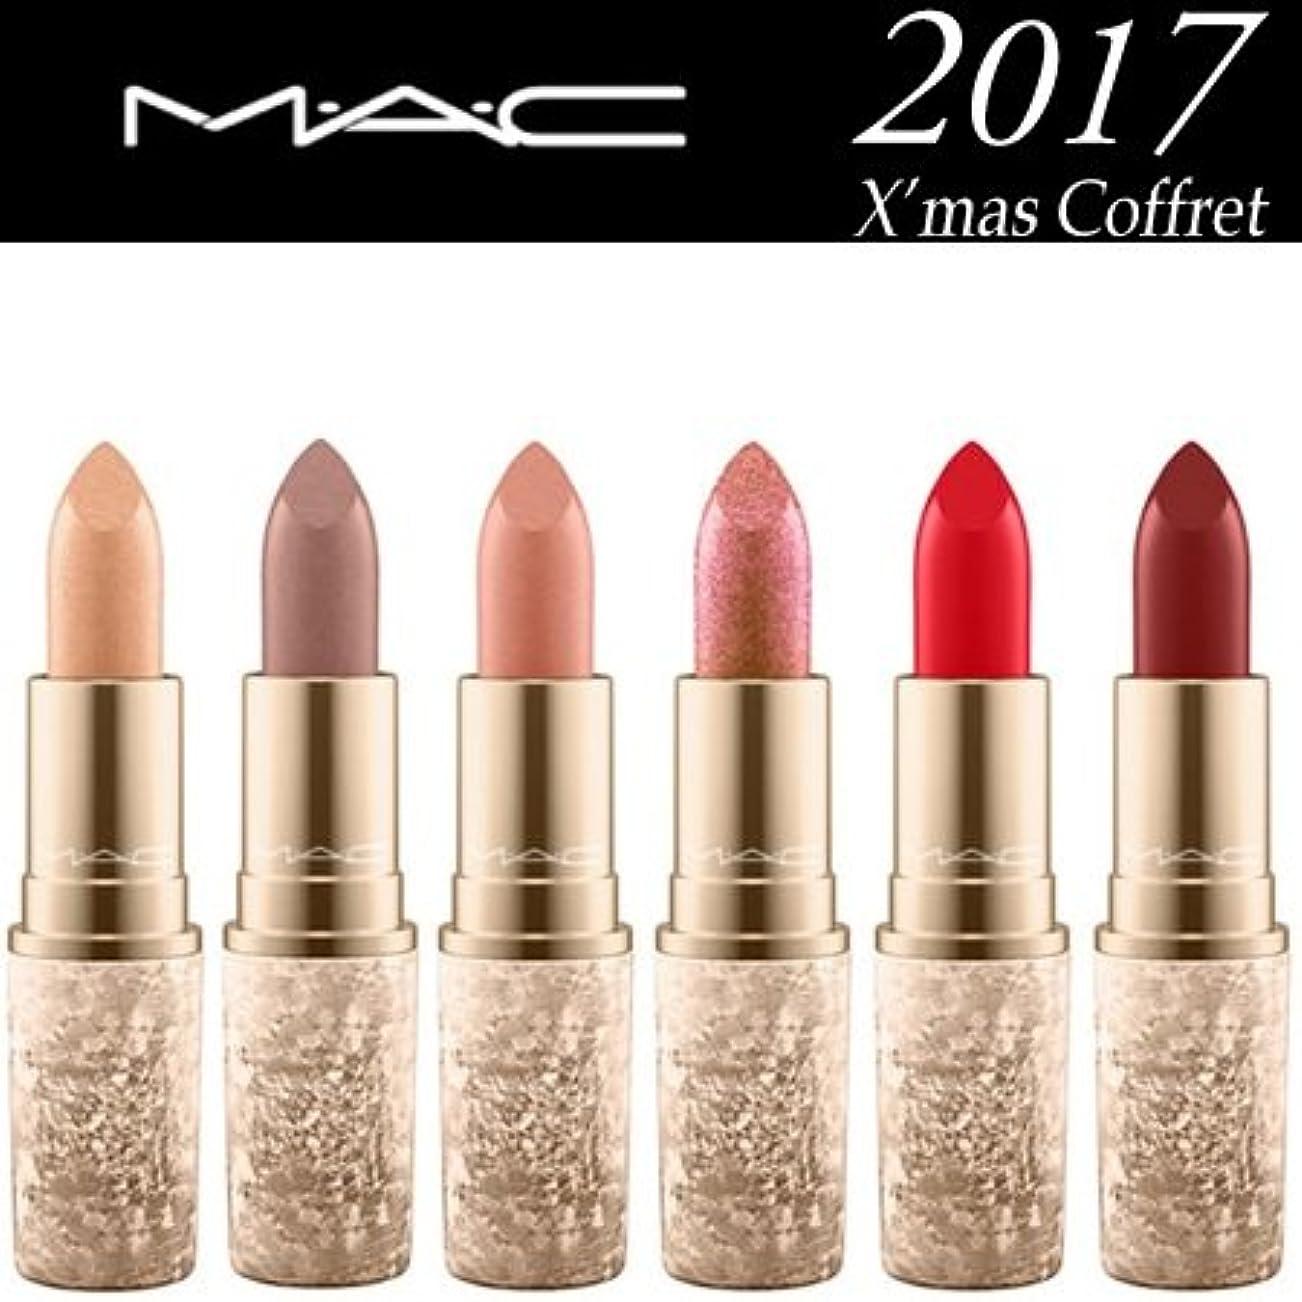 肉ドメイン小川マック リップスティック 選べる全6色 限定品 2017 クリスマス コフレ M?A?C -MAC- ウォームアイス